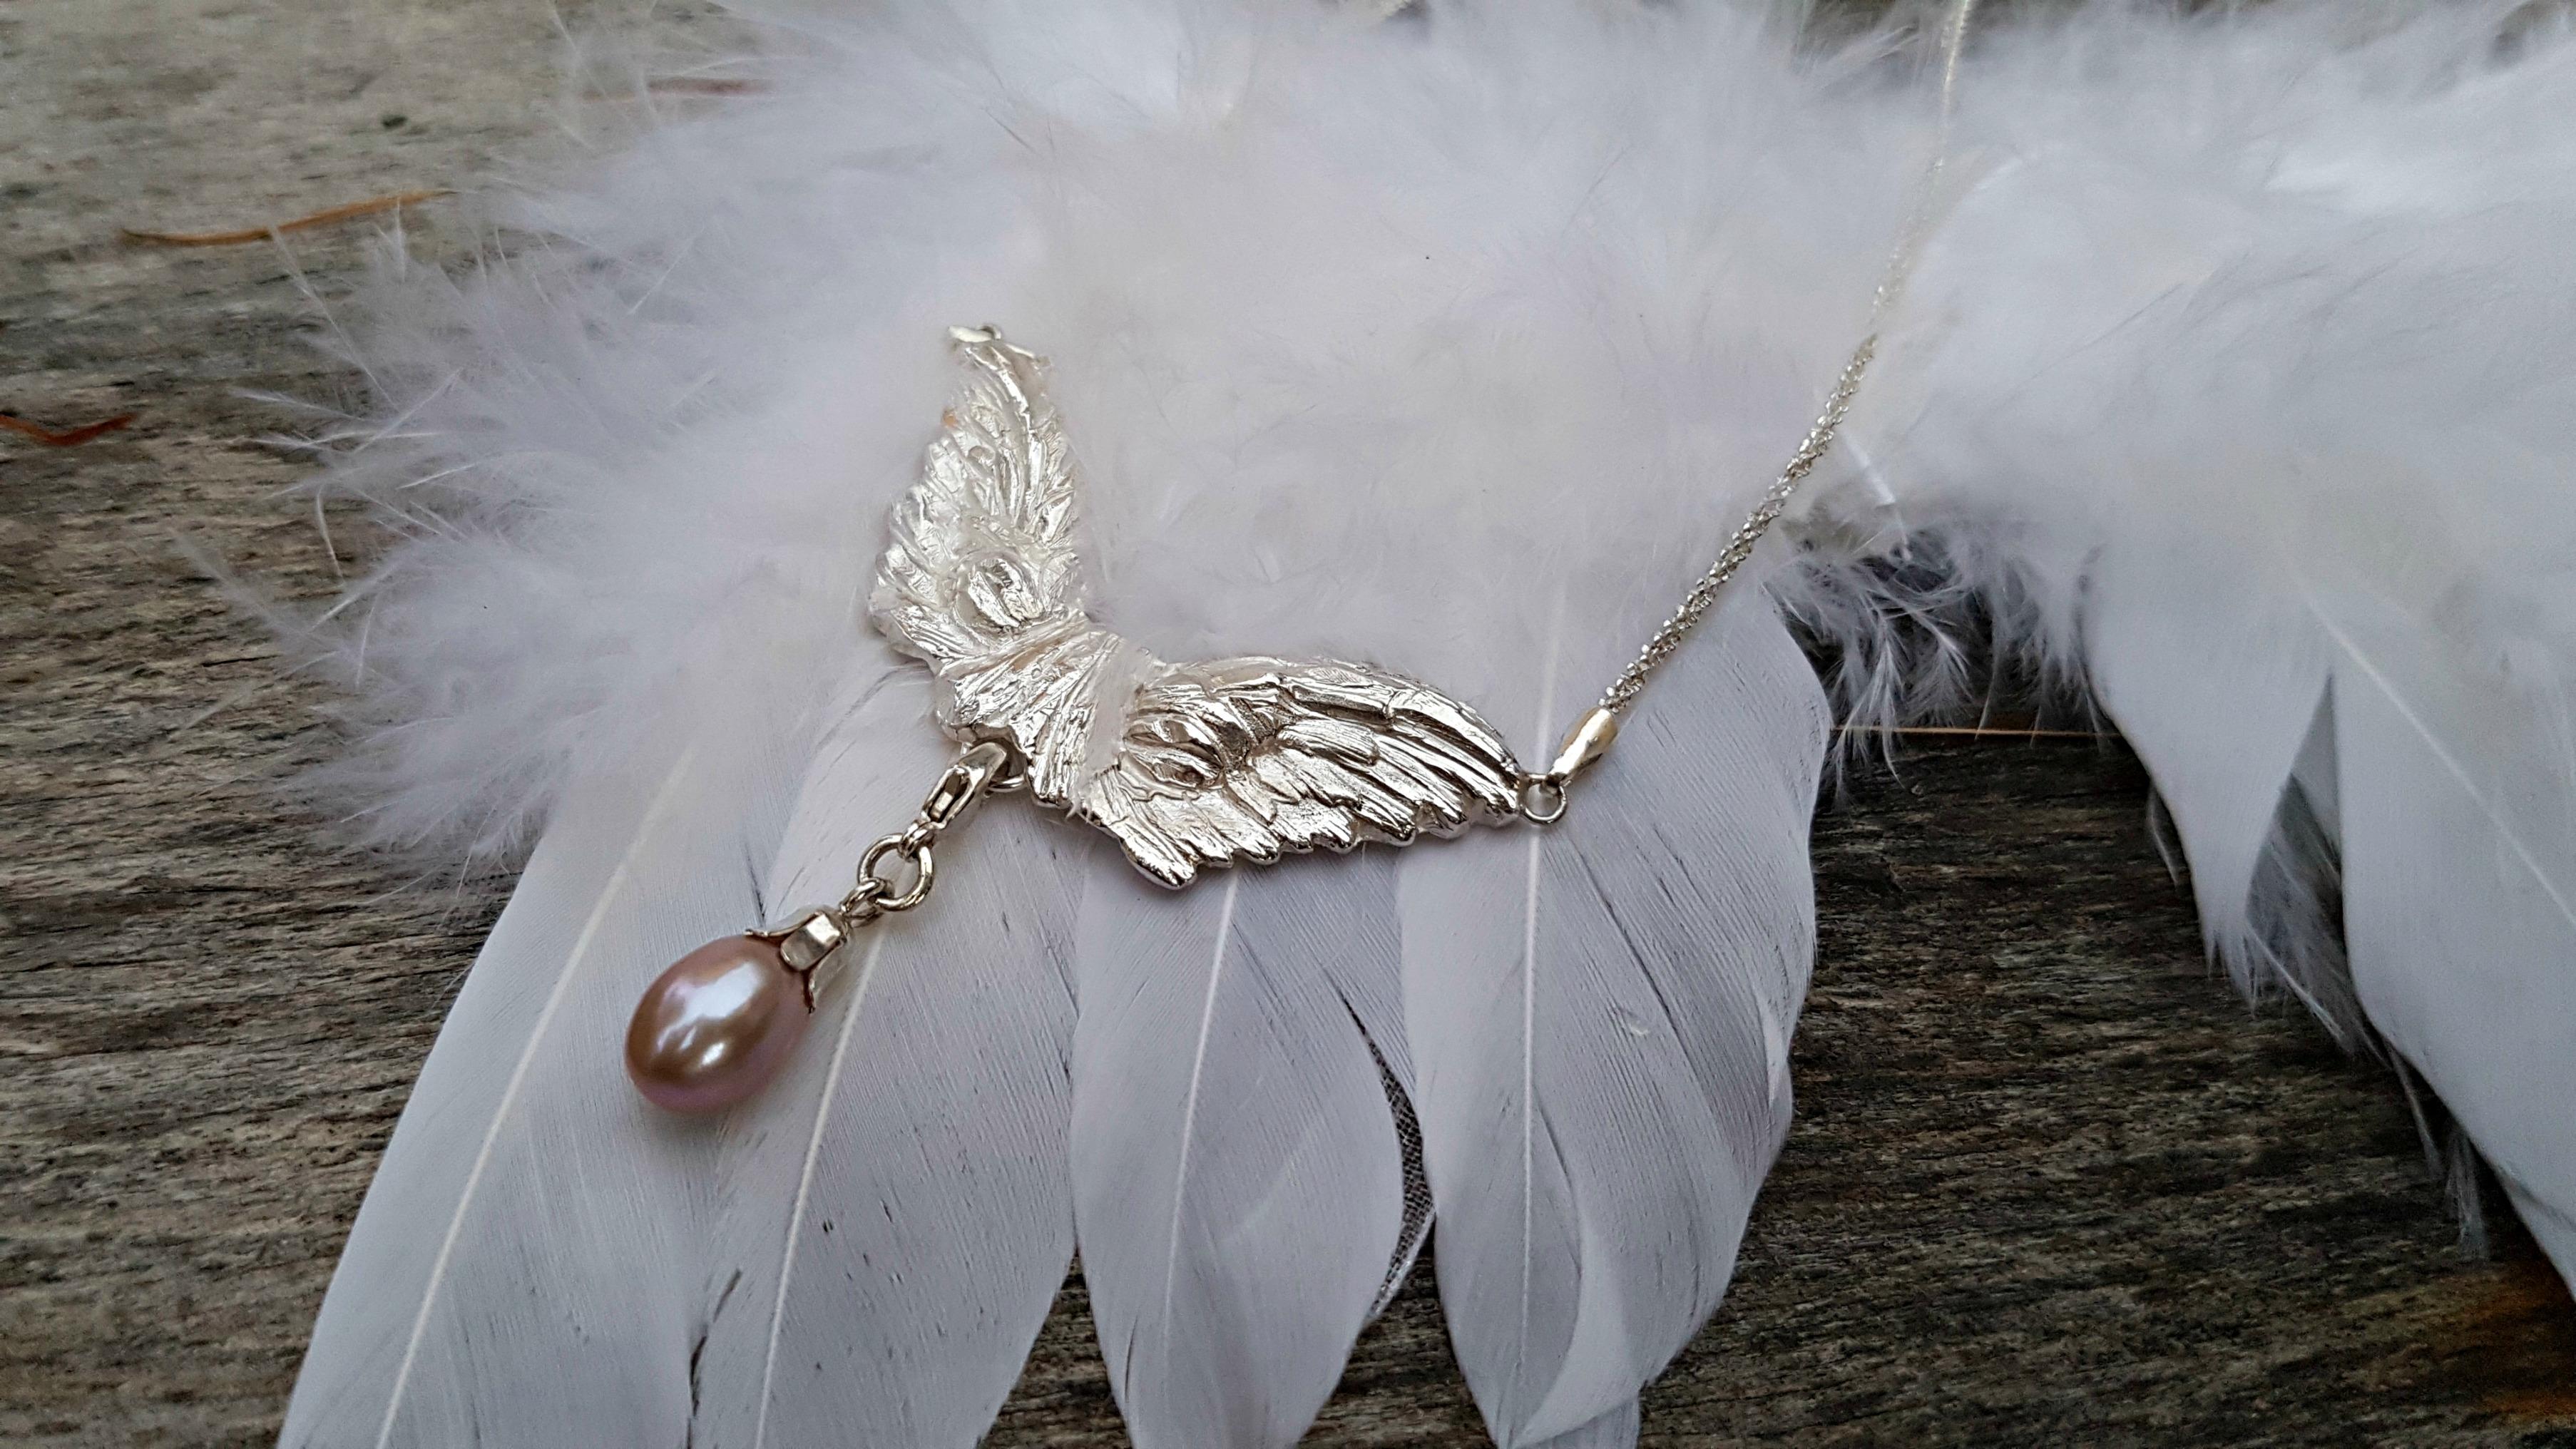 Carrousel-bien-etre-pendnetif-ange-perle-mousqueton